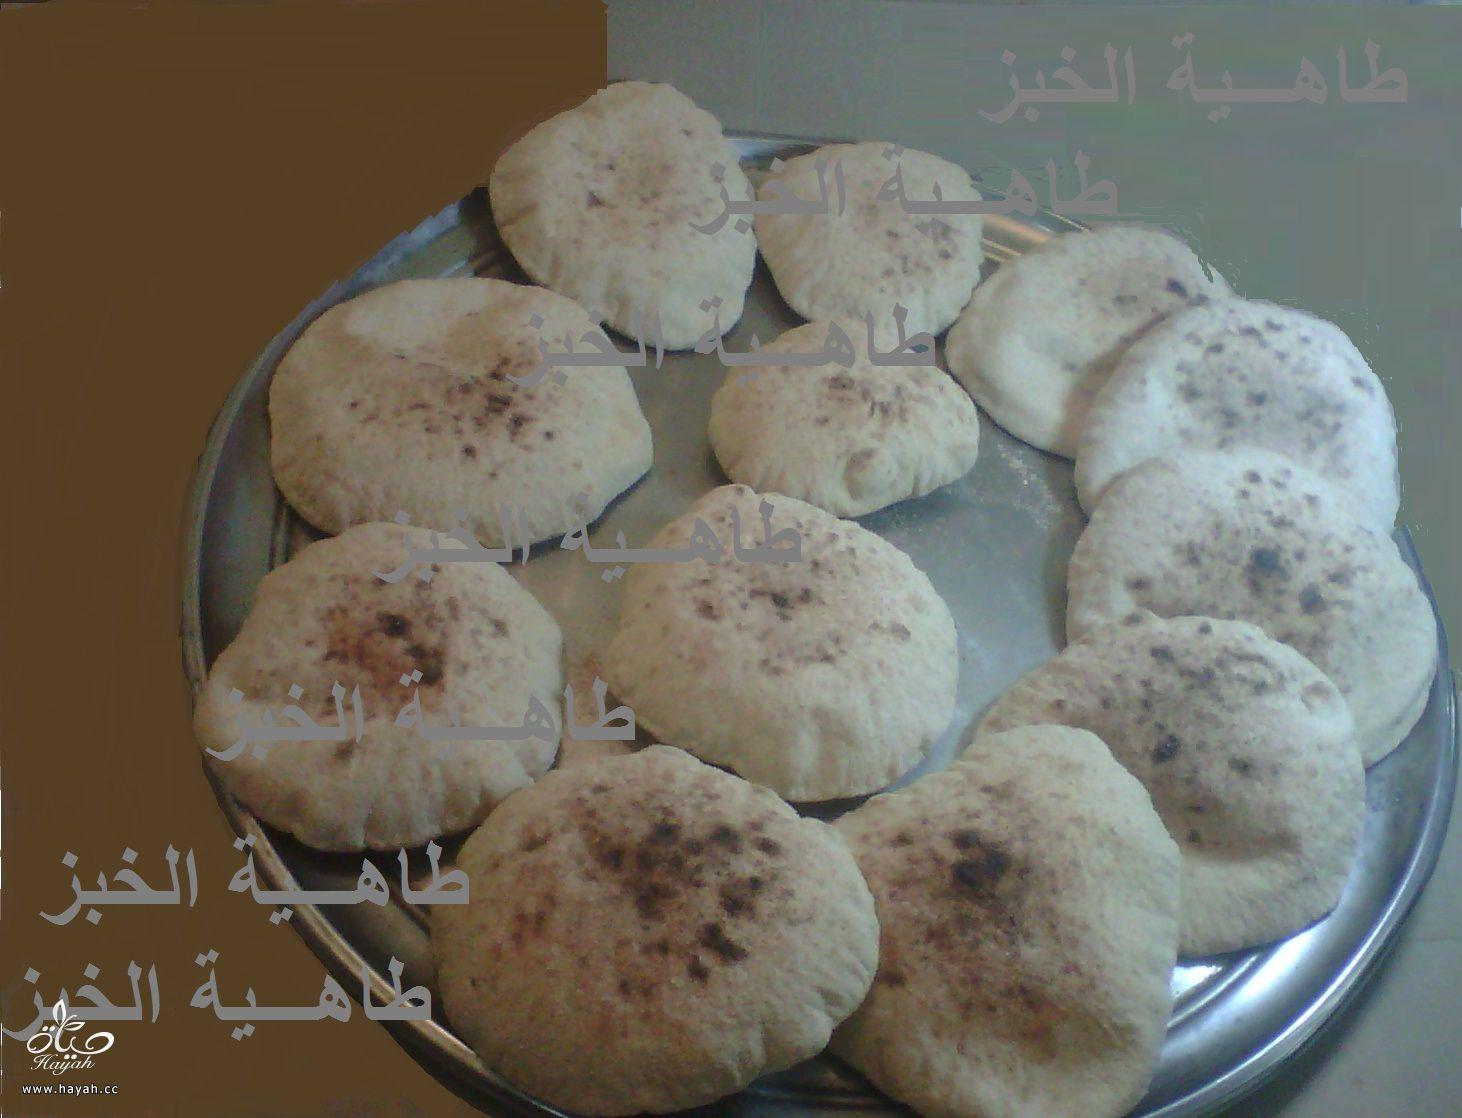 طريقة عمل الخبز المصرى  بالخبازة الكهربائية hayahcc_1394407388_604.jpg